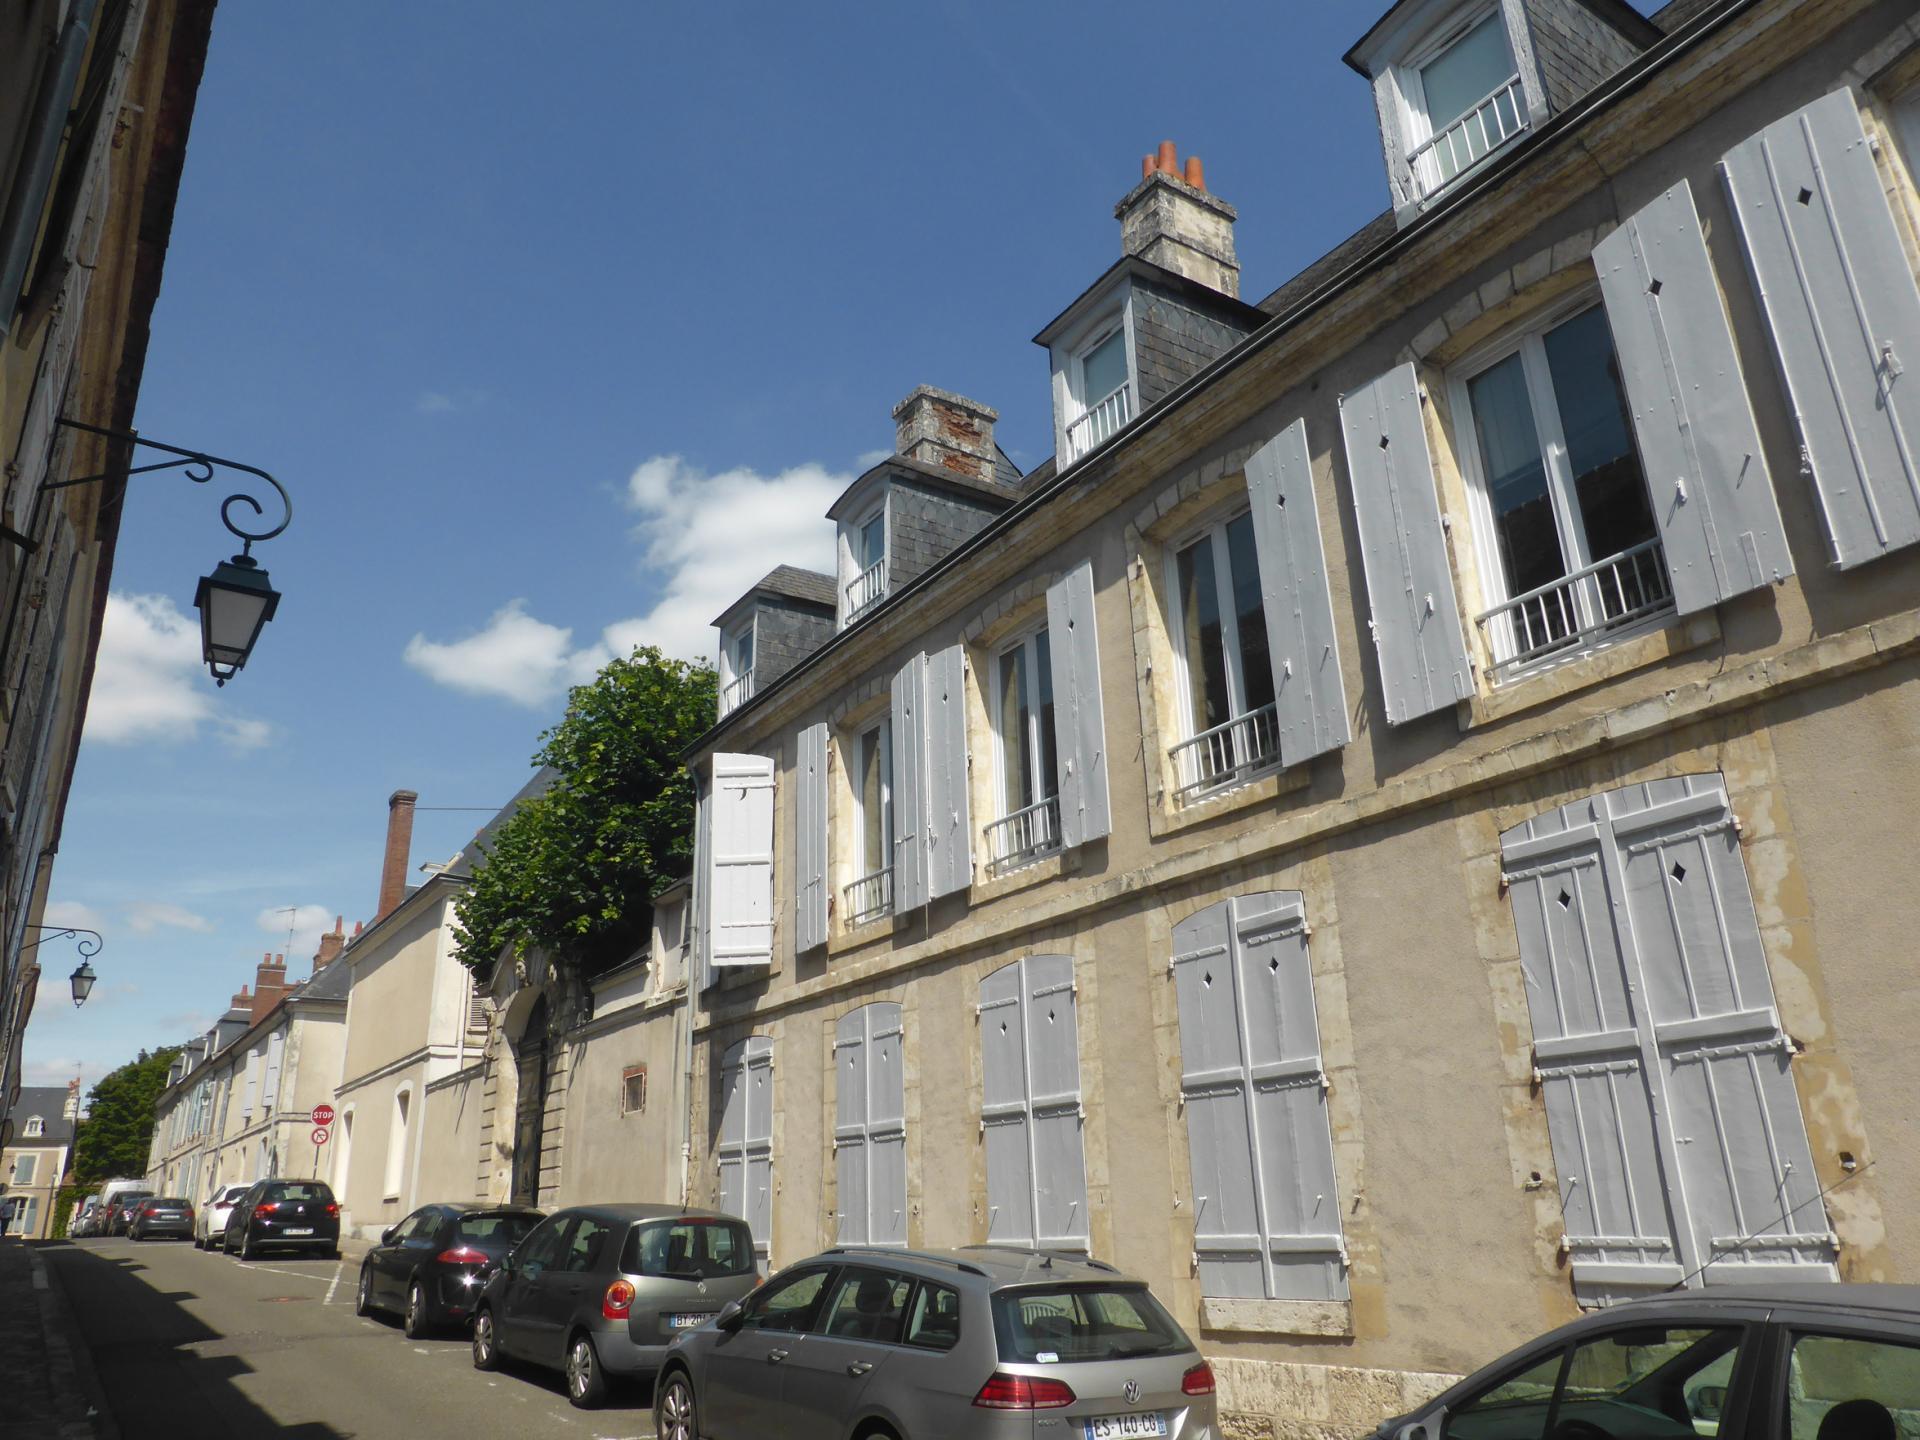 Châteaudun, maison sur deux niveaux et rue en perspective, XVIIIe siècle, cl. Ph. Cachau